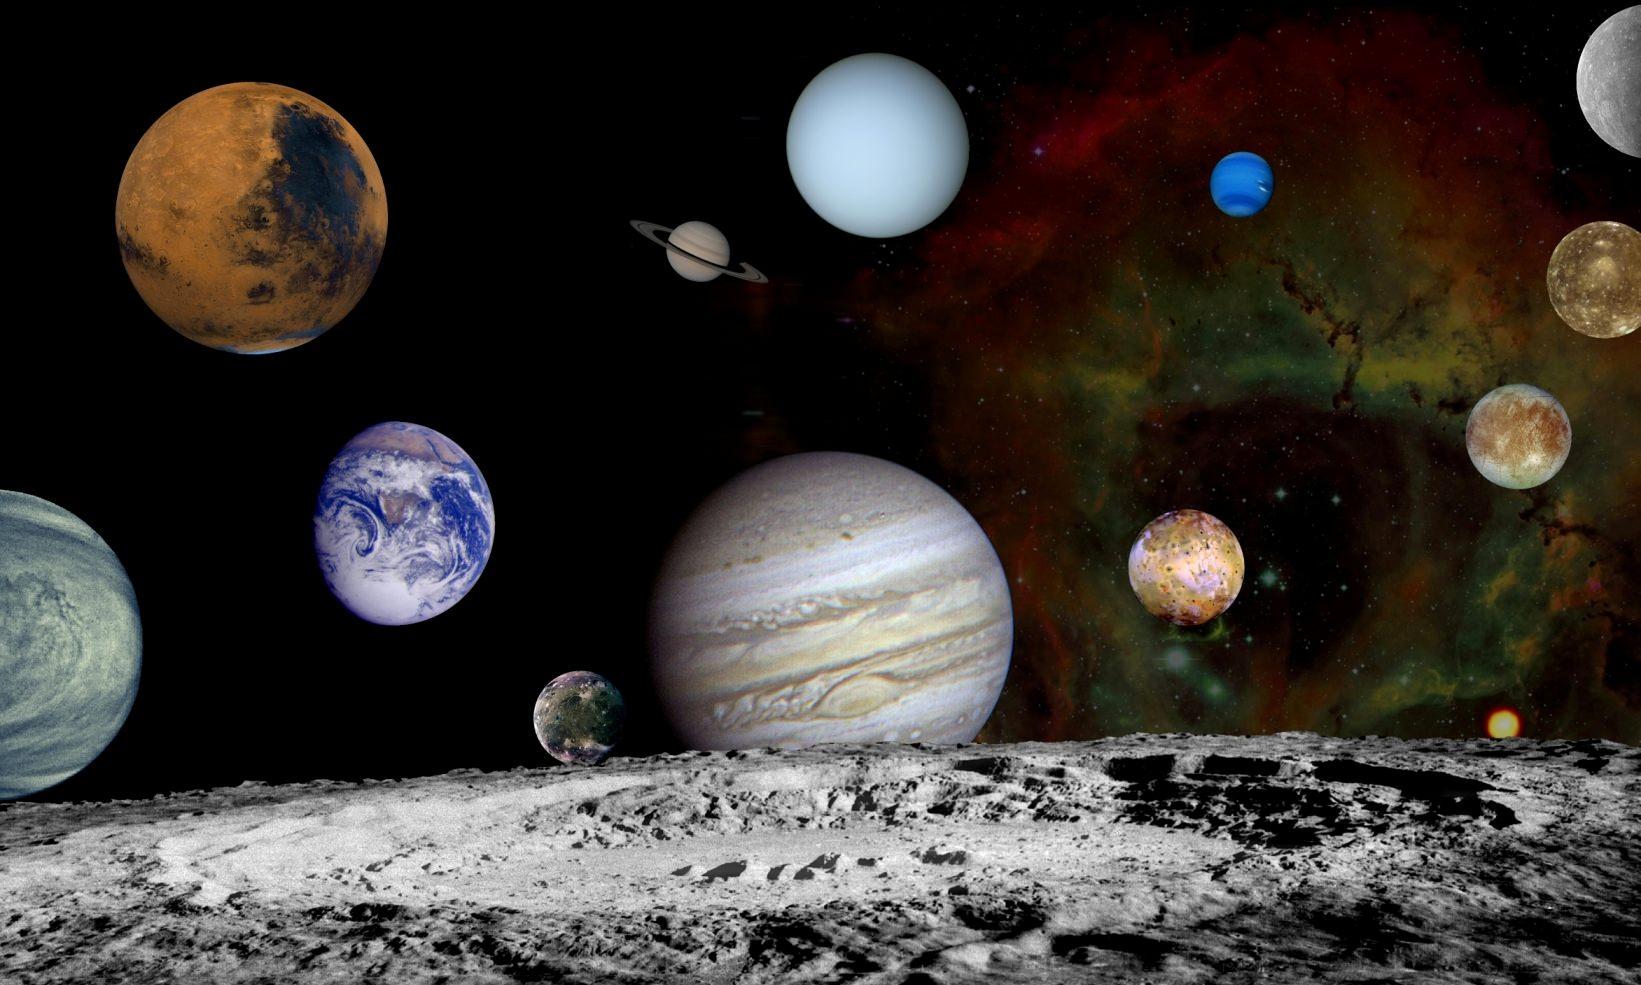 چرا تمام اجرام آسمانی کروی شکل هستند؟